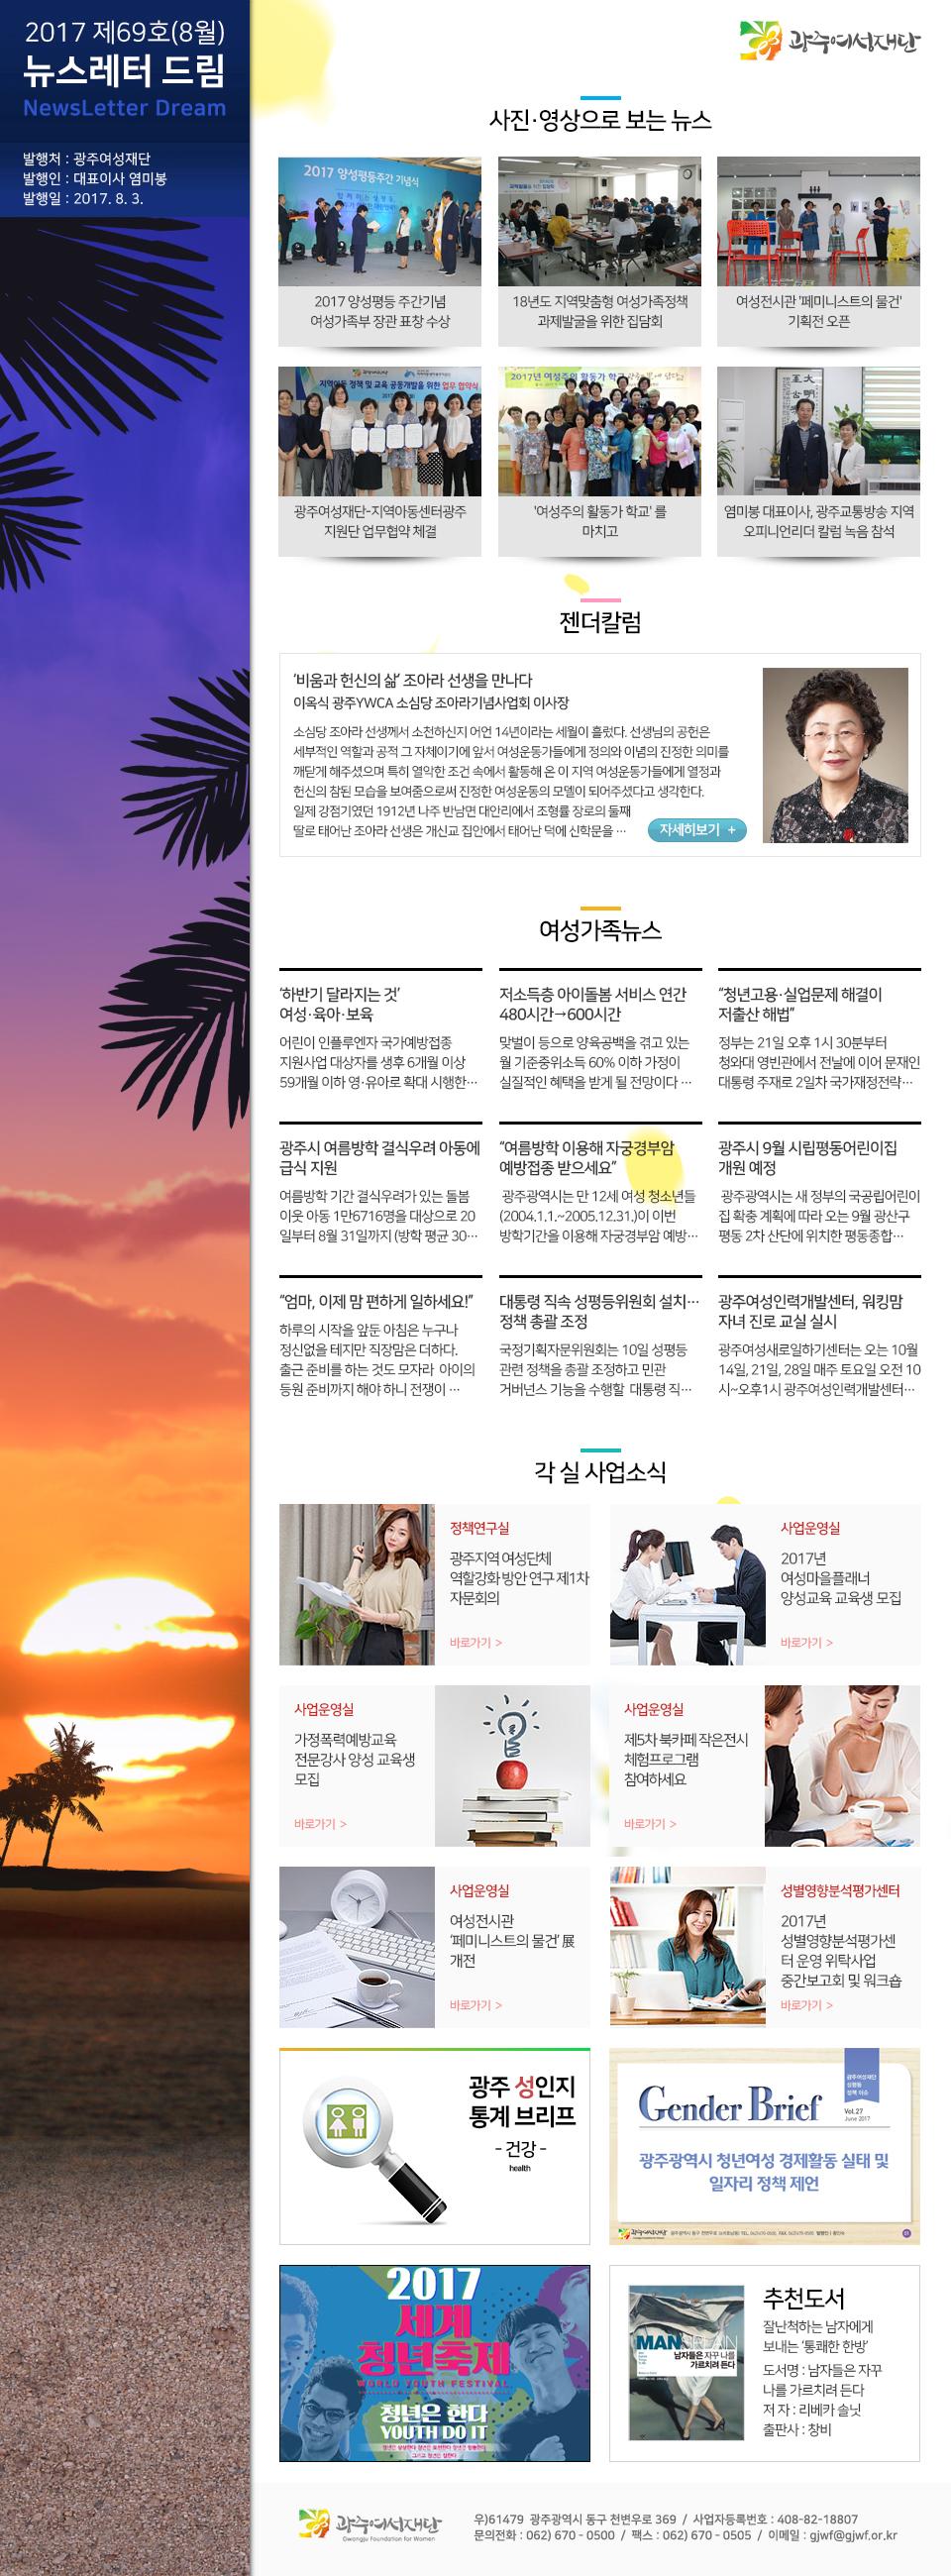 뉴스레터 드림 69호(17.08월) 썸네일